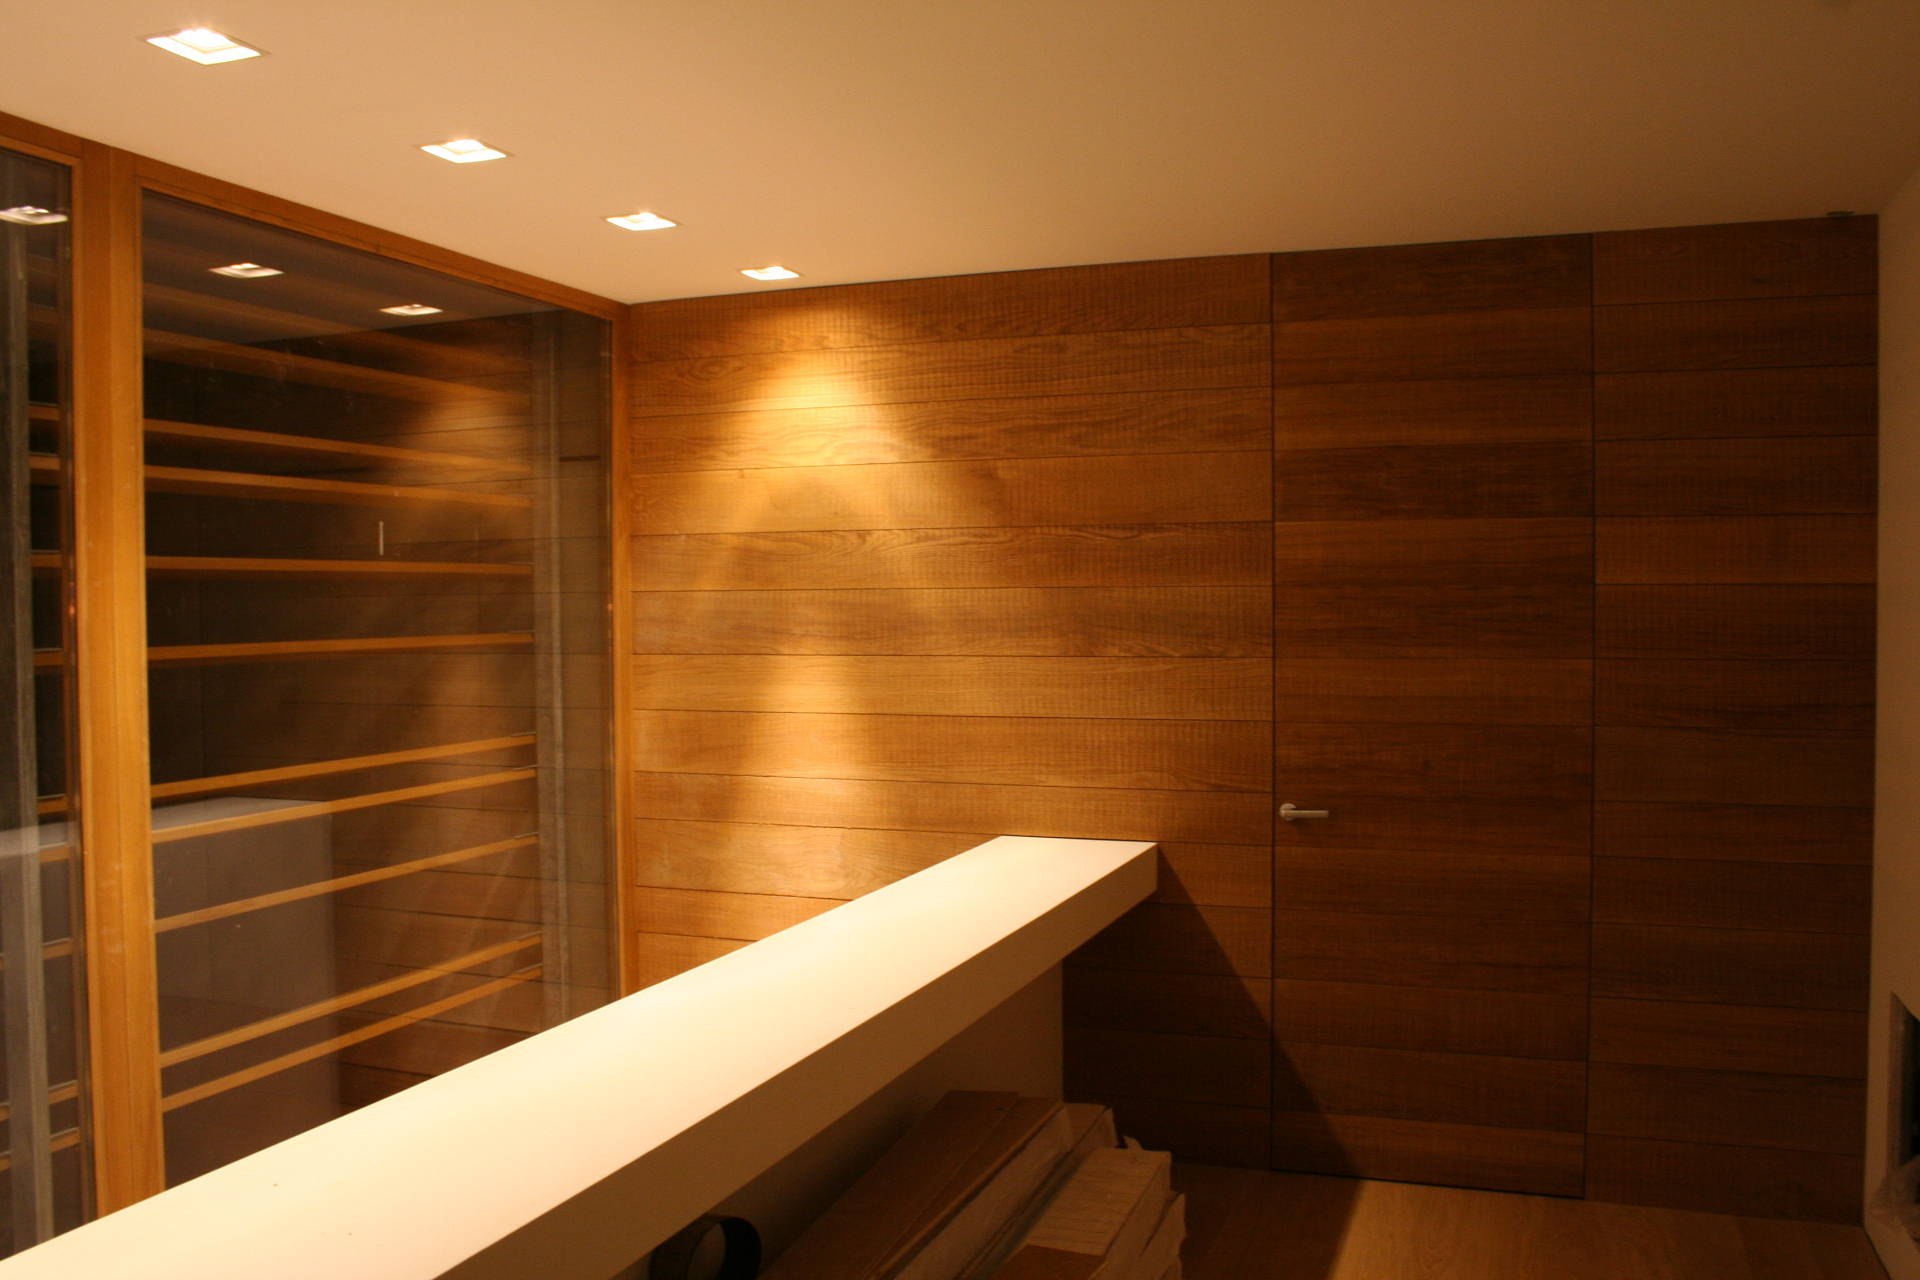 Rivestimenti in legno su misura per interni - Rivestimenti legno interni ...